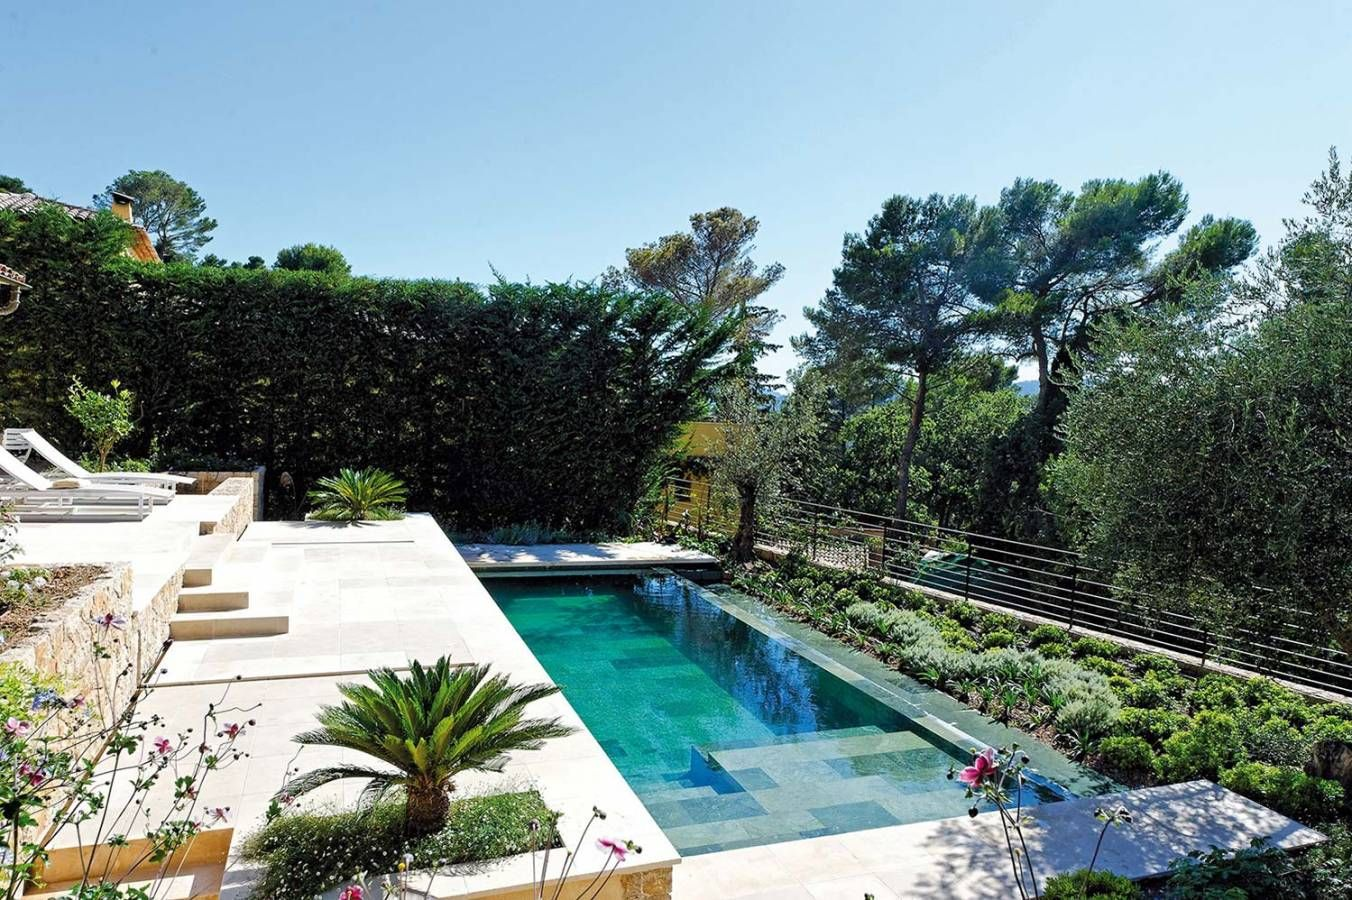 La piscine s vertue aujourd hui magnifier votre espace for Piscine chauvigny